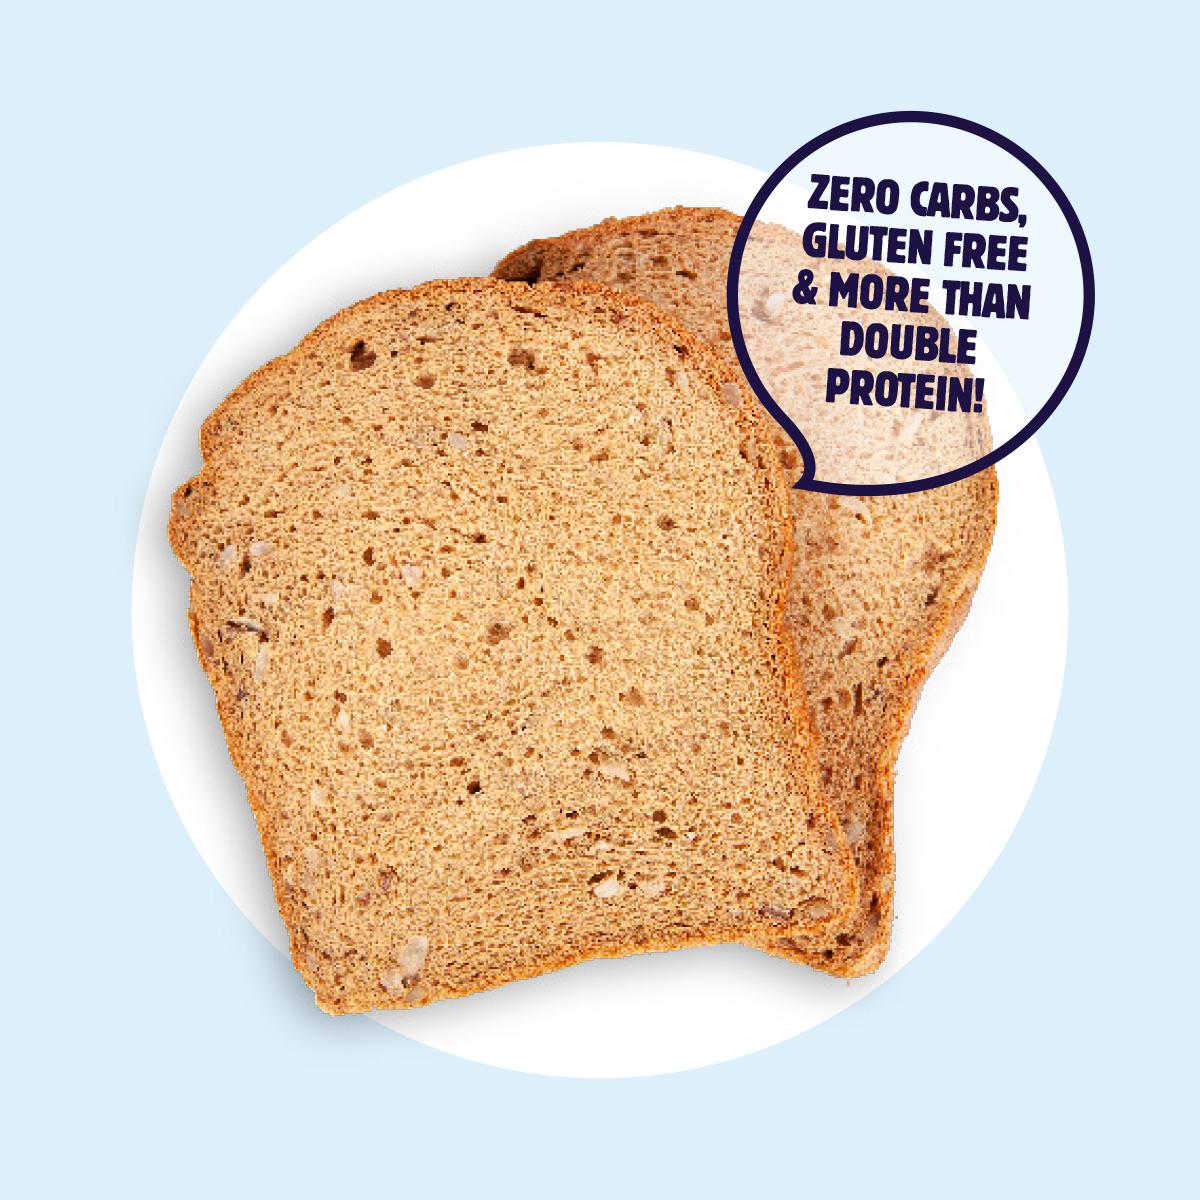 bread doodles zero carbs